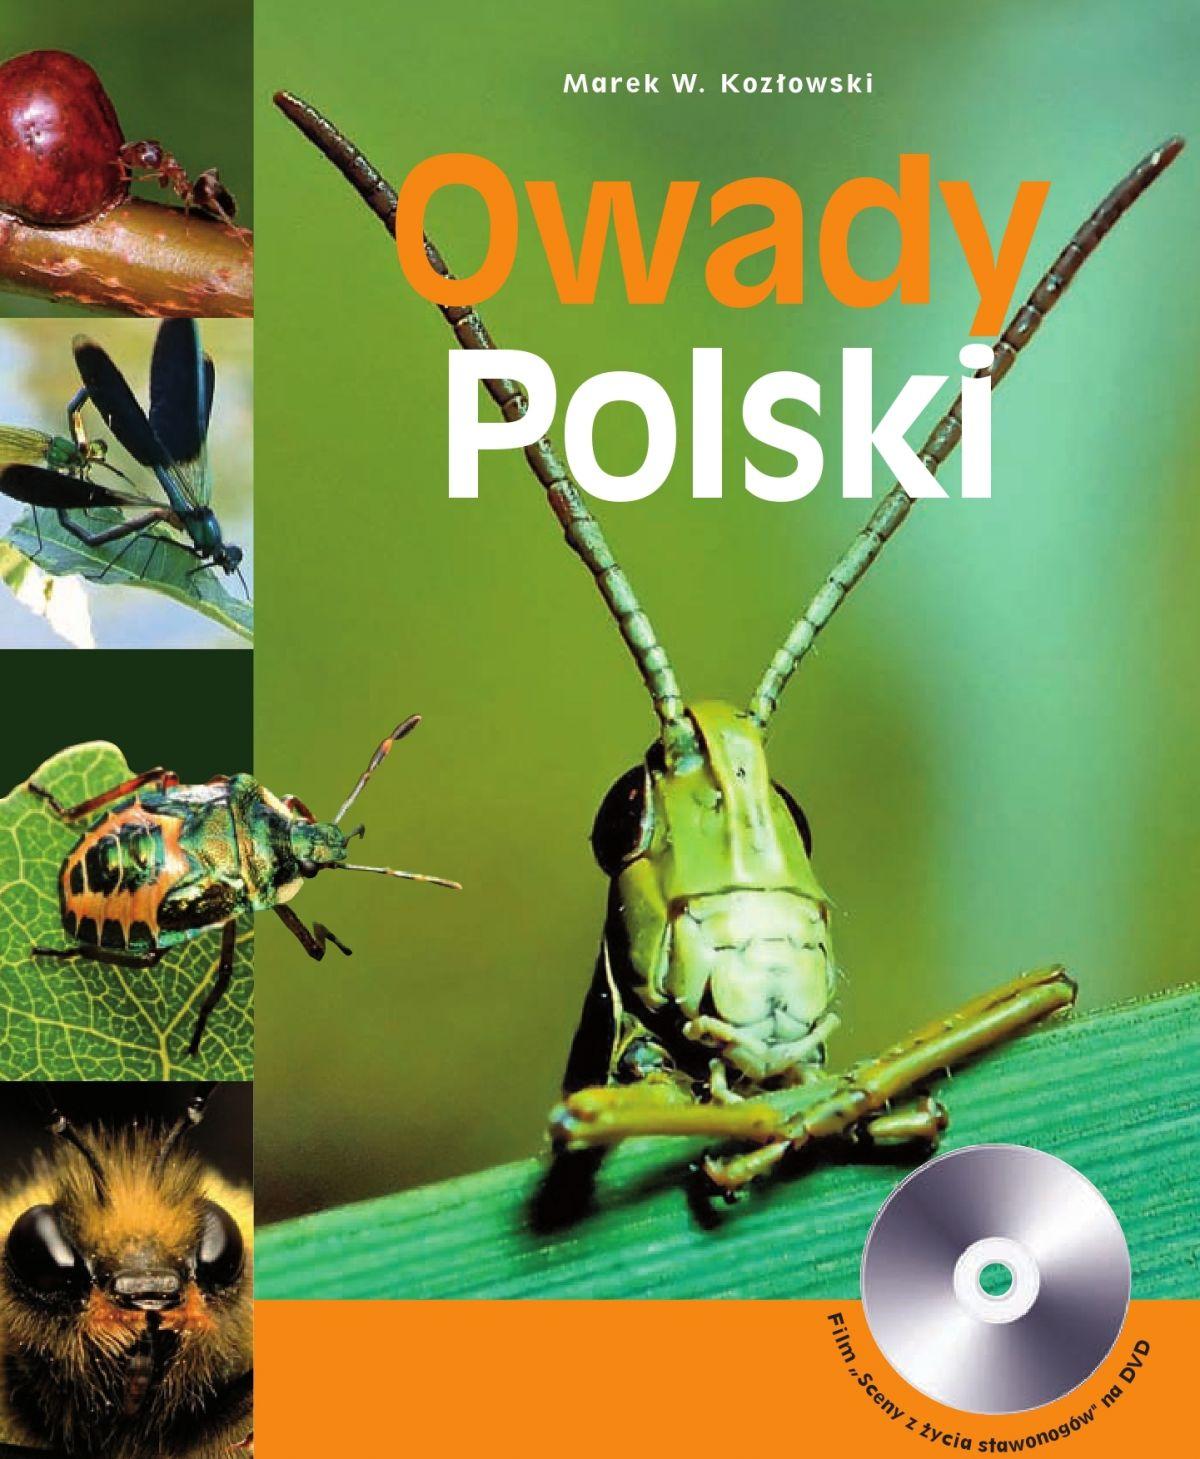 Owady Polski - Ebook (Książka PDF) do pobrania w formacie PDF